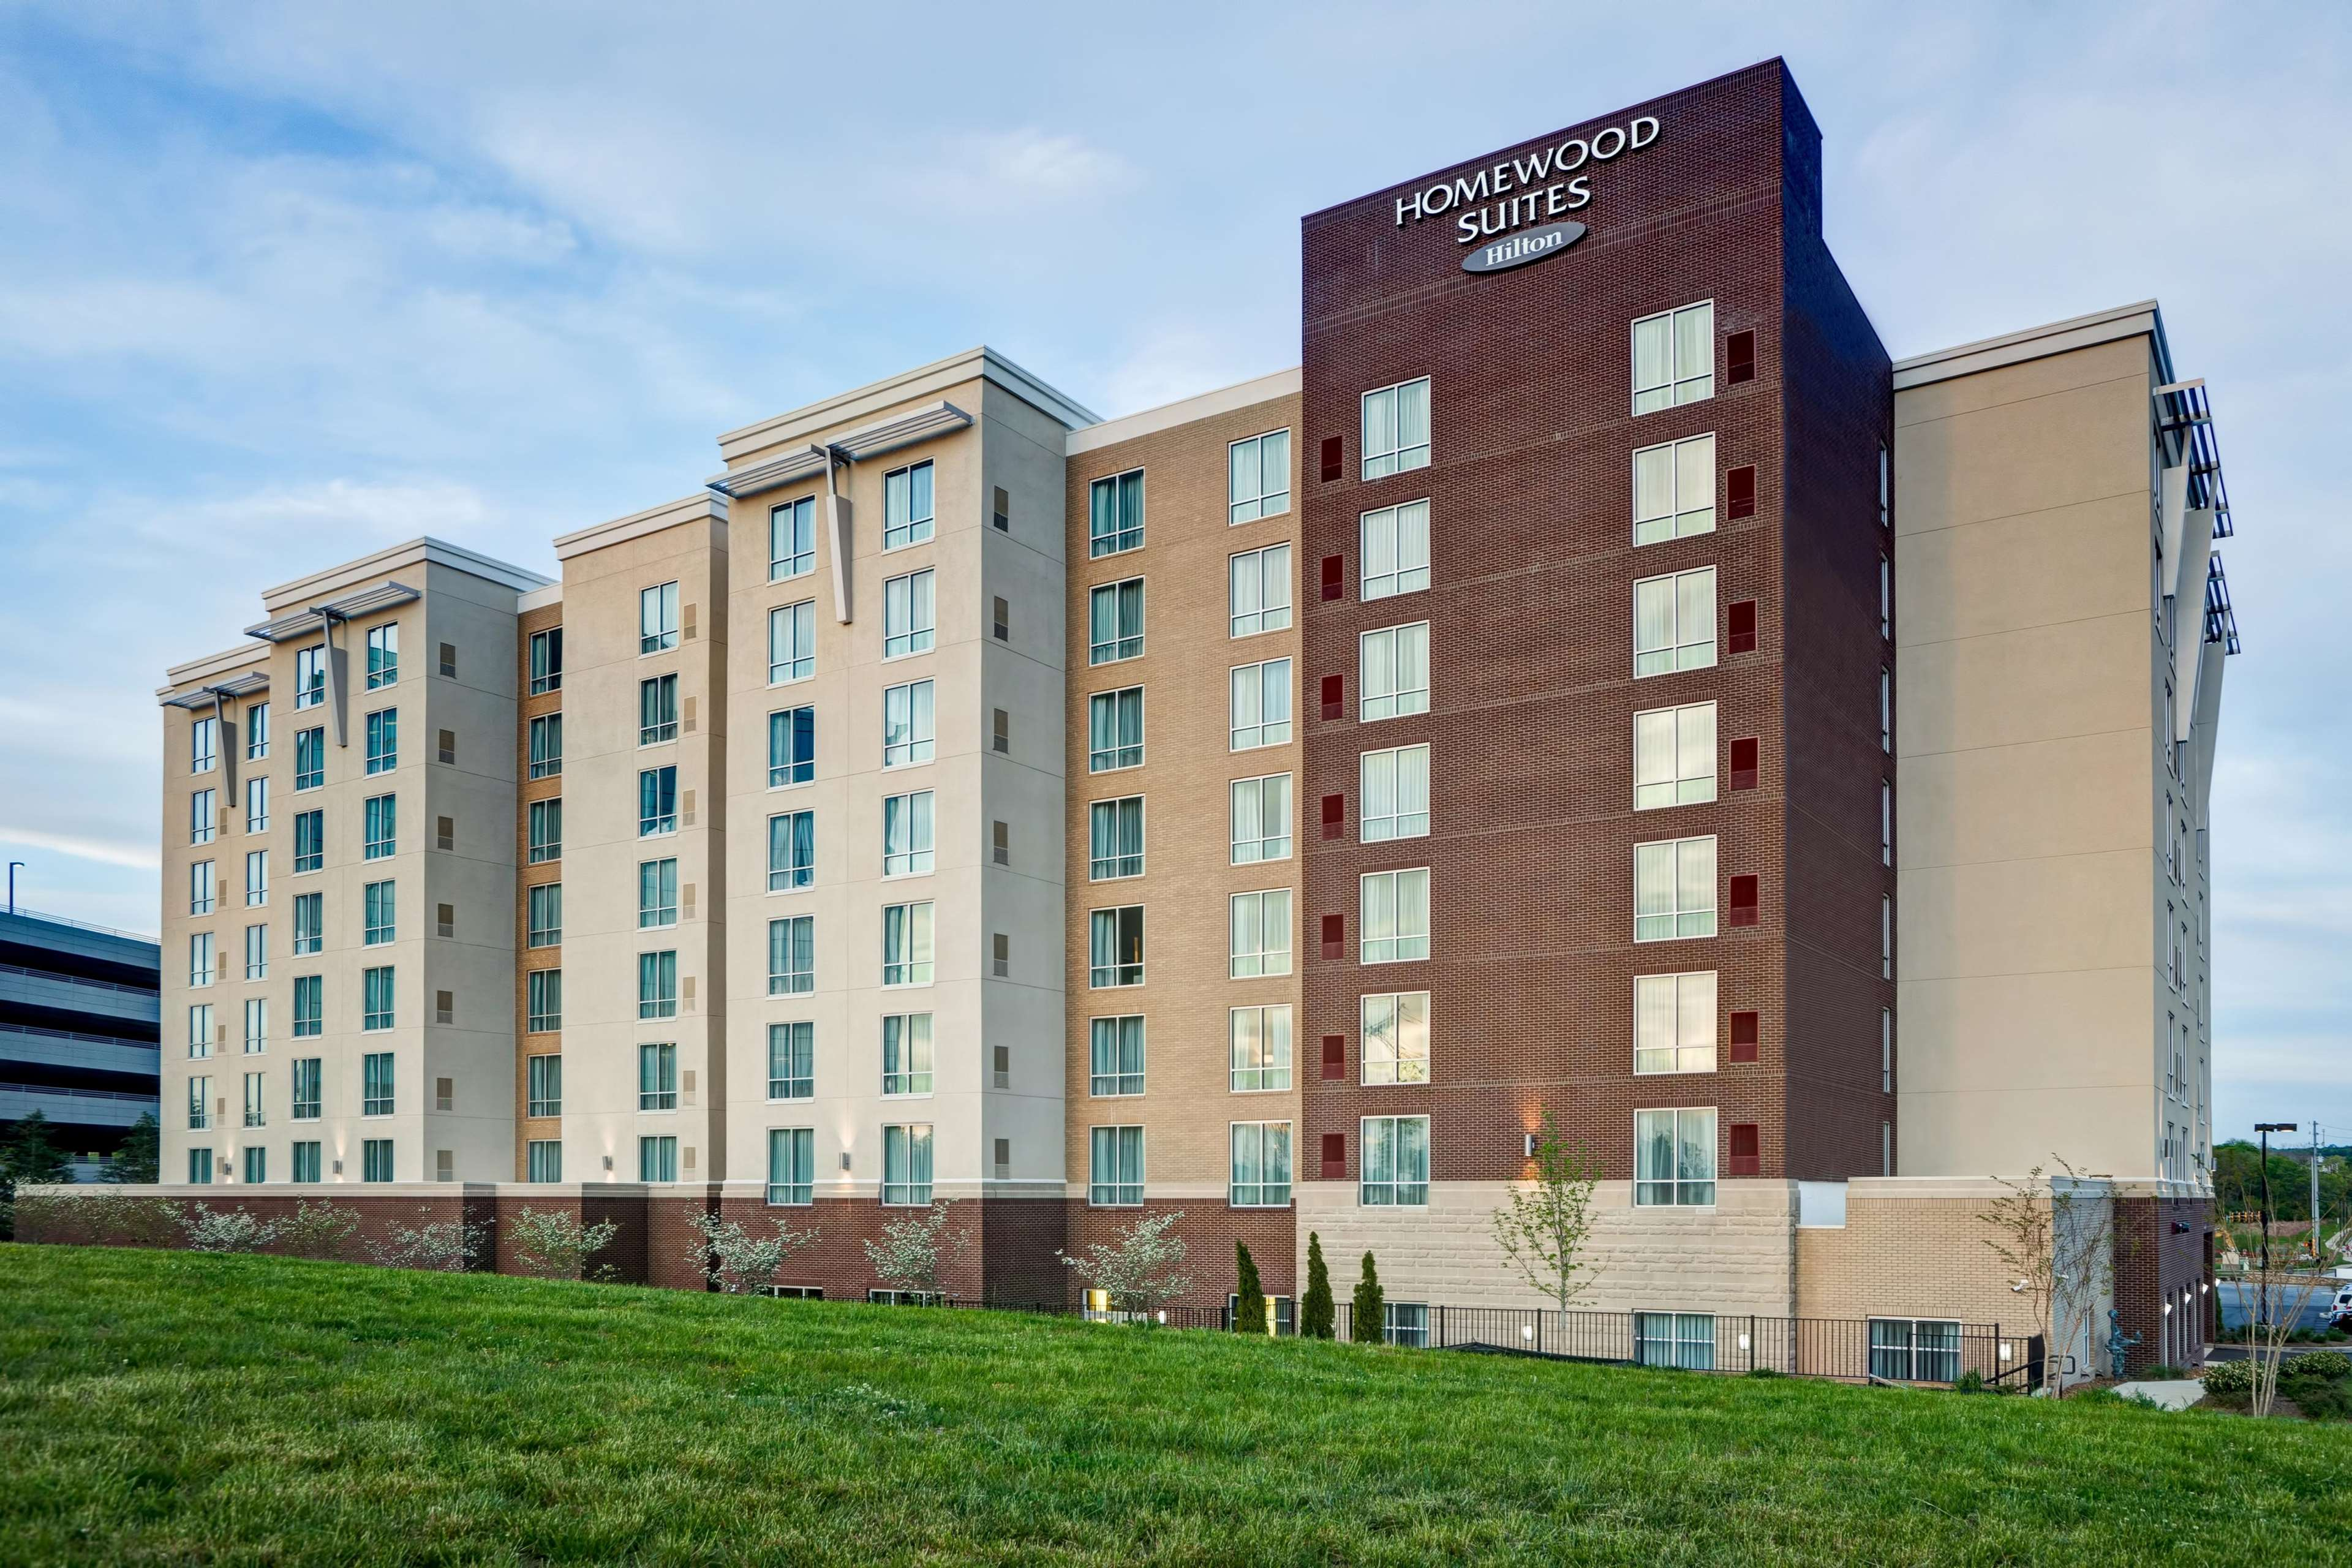 Homewood Suites by Hilton Nashville Franklin Cool Springs image 41